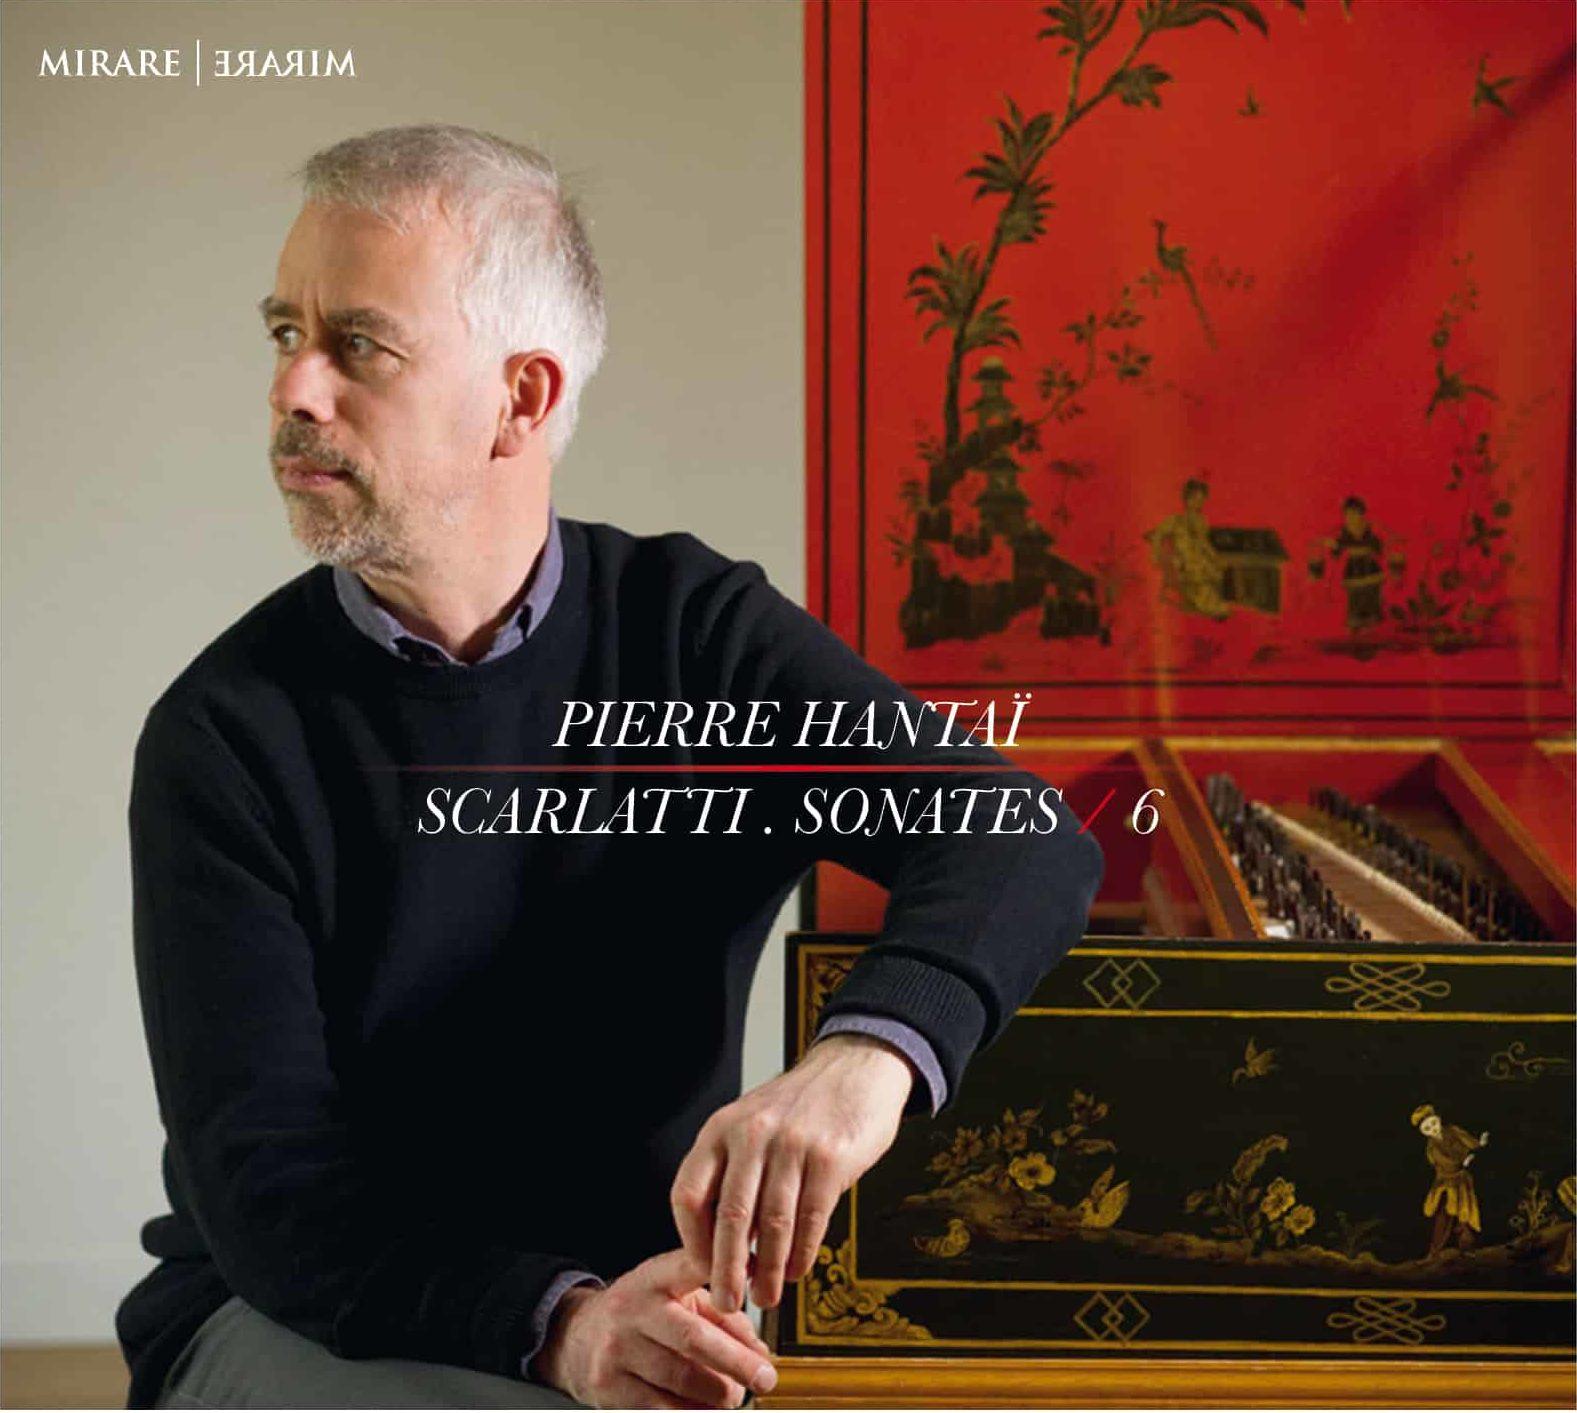 Scarlatti, Sonates / 6